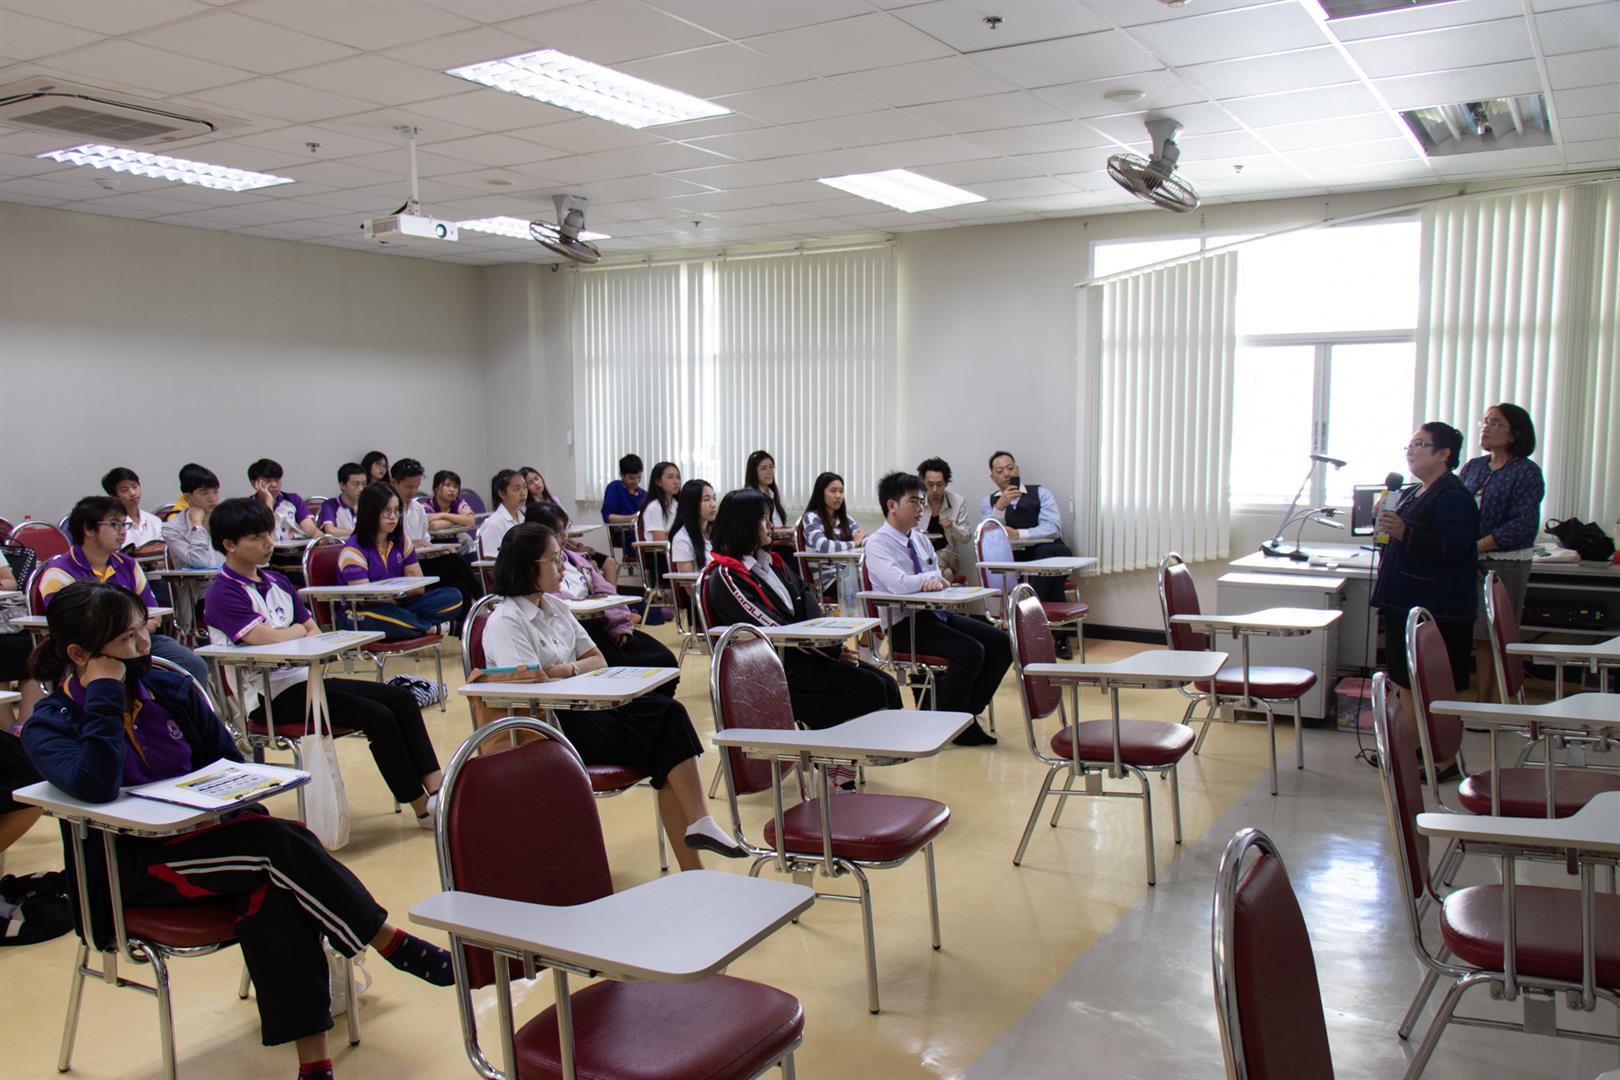 """สาขาวิชาภาษาญี่ปุ่น,คณะศิลปศาสตร์,ให้การต้อนรับศูนย์พัฒนาการด้านสุขภาพแบบองค์รวม,,มหาวิทยาลัยฟาร์อีสเทอร์น,และร่วมโครงการ,""""ประกาศนียบัตร,ดูแลผู้สูงอายุ,420,ชั่วโมง"""""""